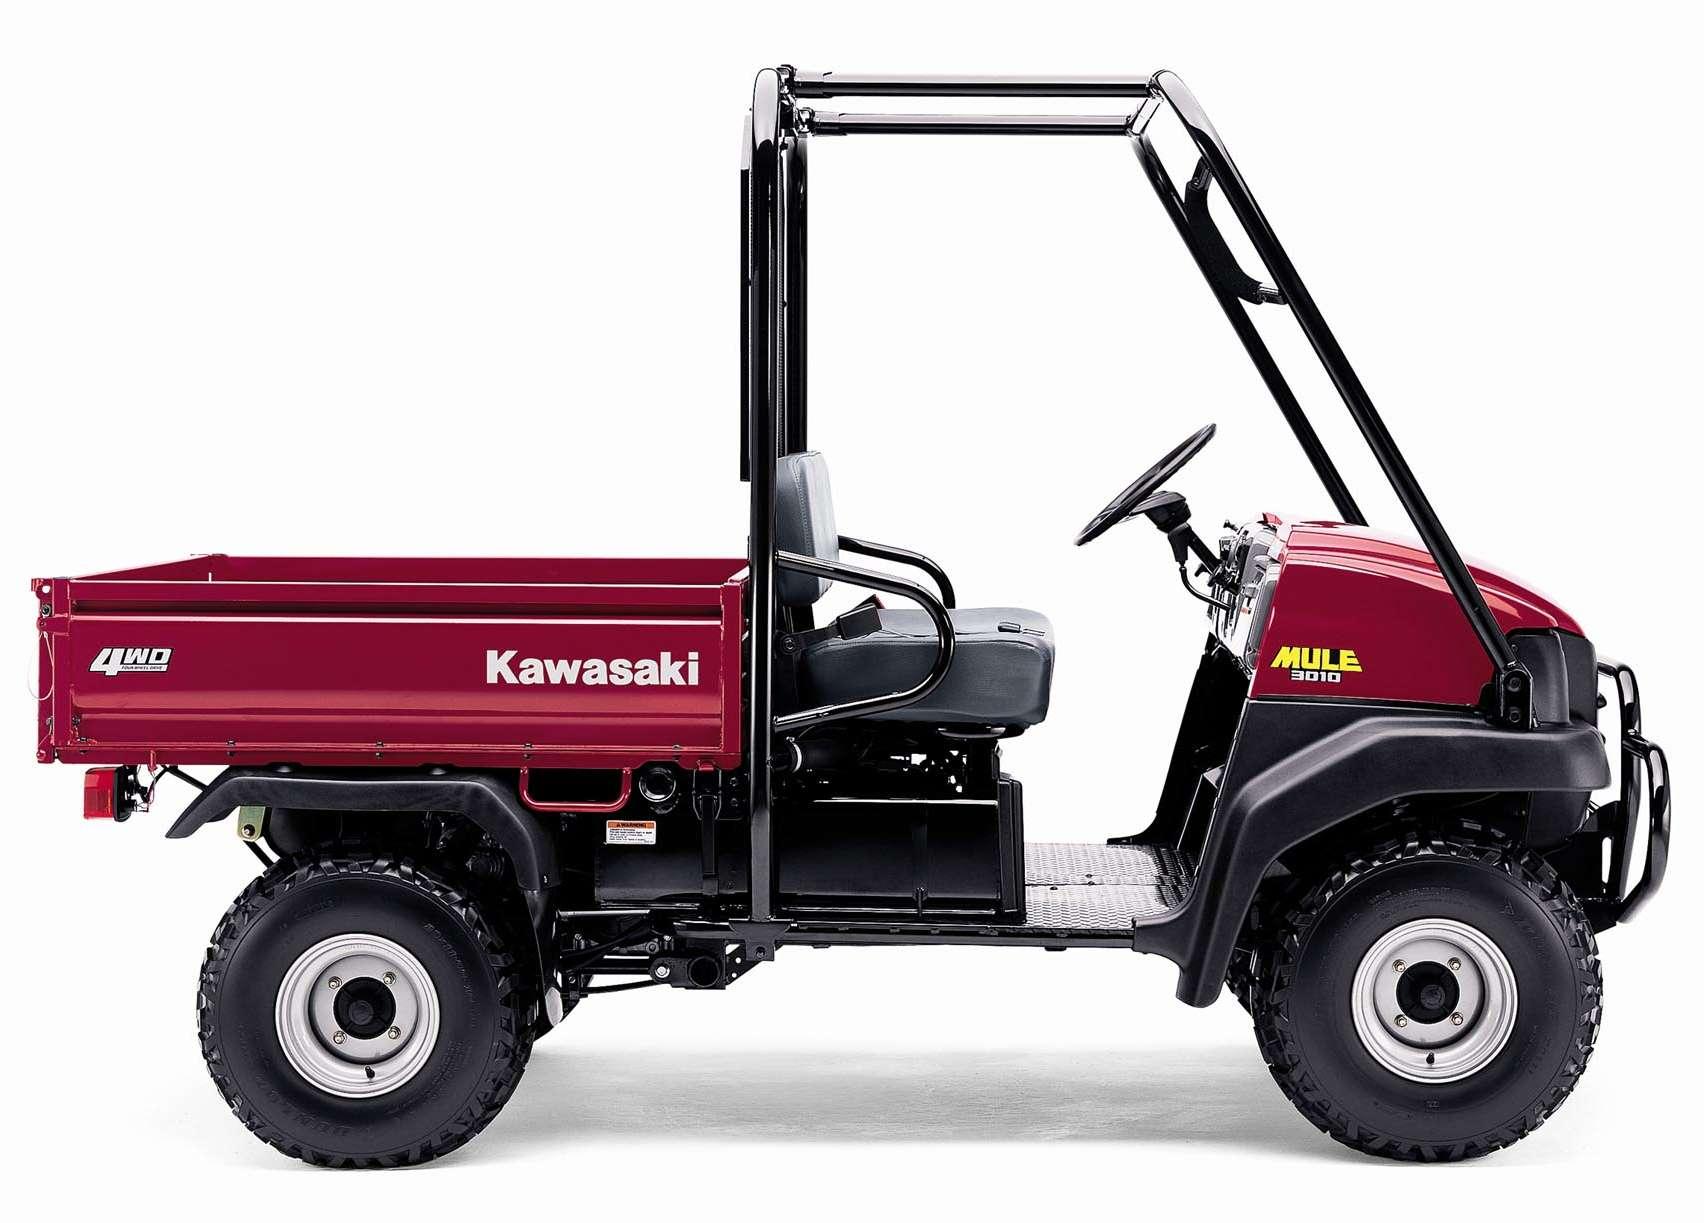 Kawasaki Mule Tm 3010 Diesel 4x4 Off Highway Utility Vechicle